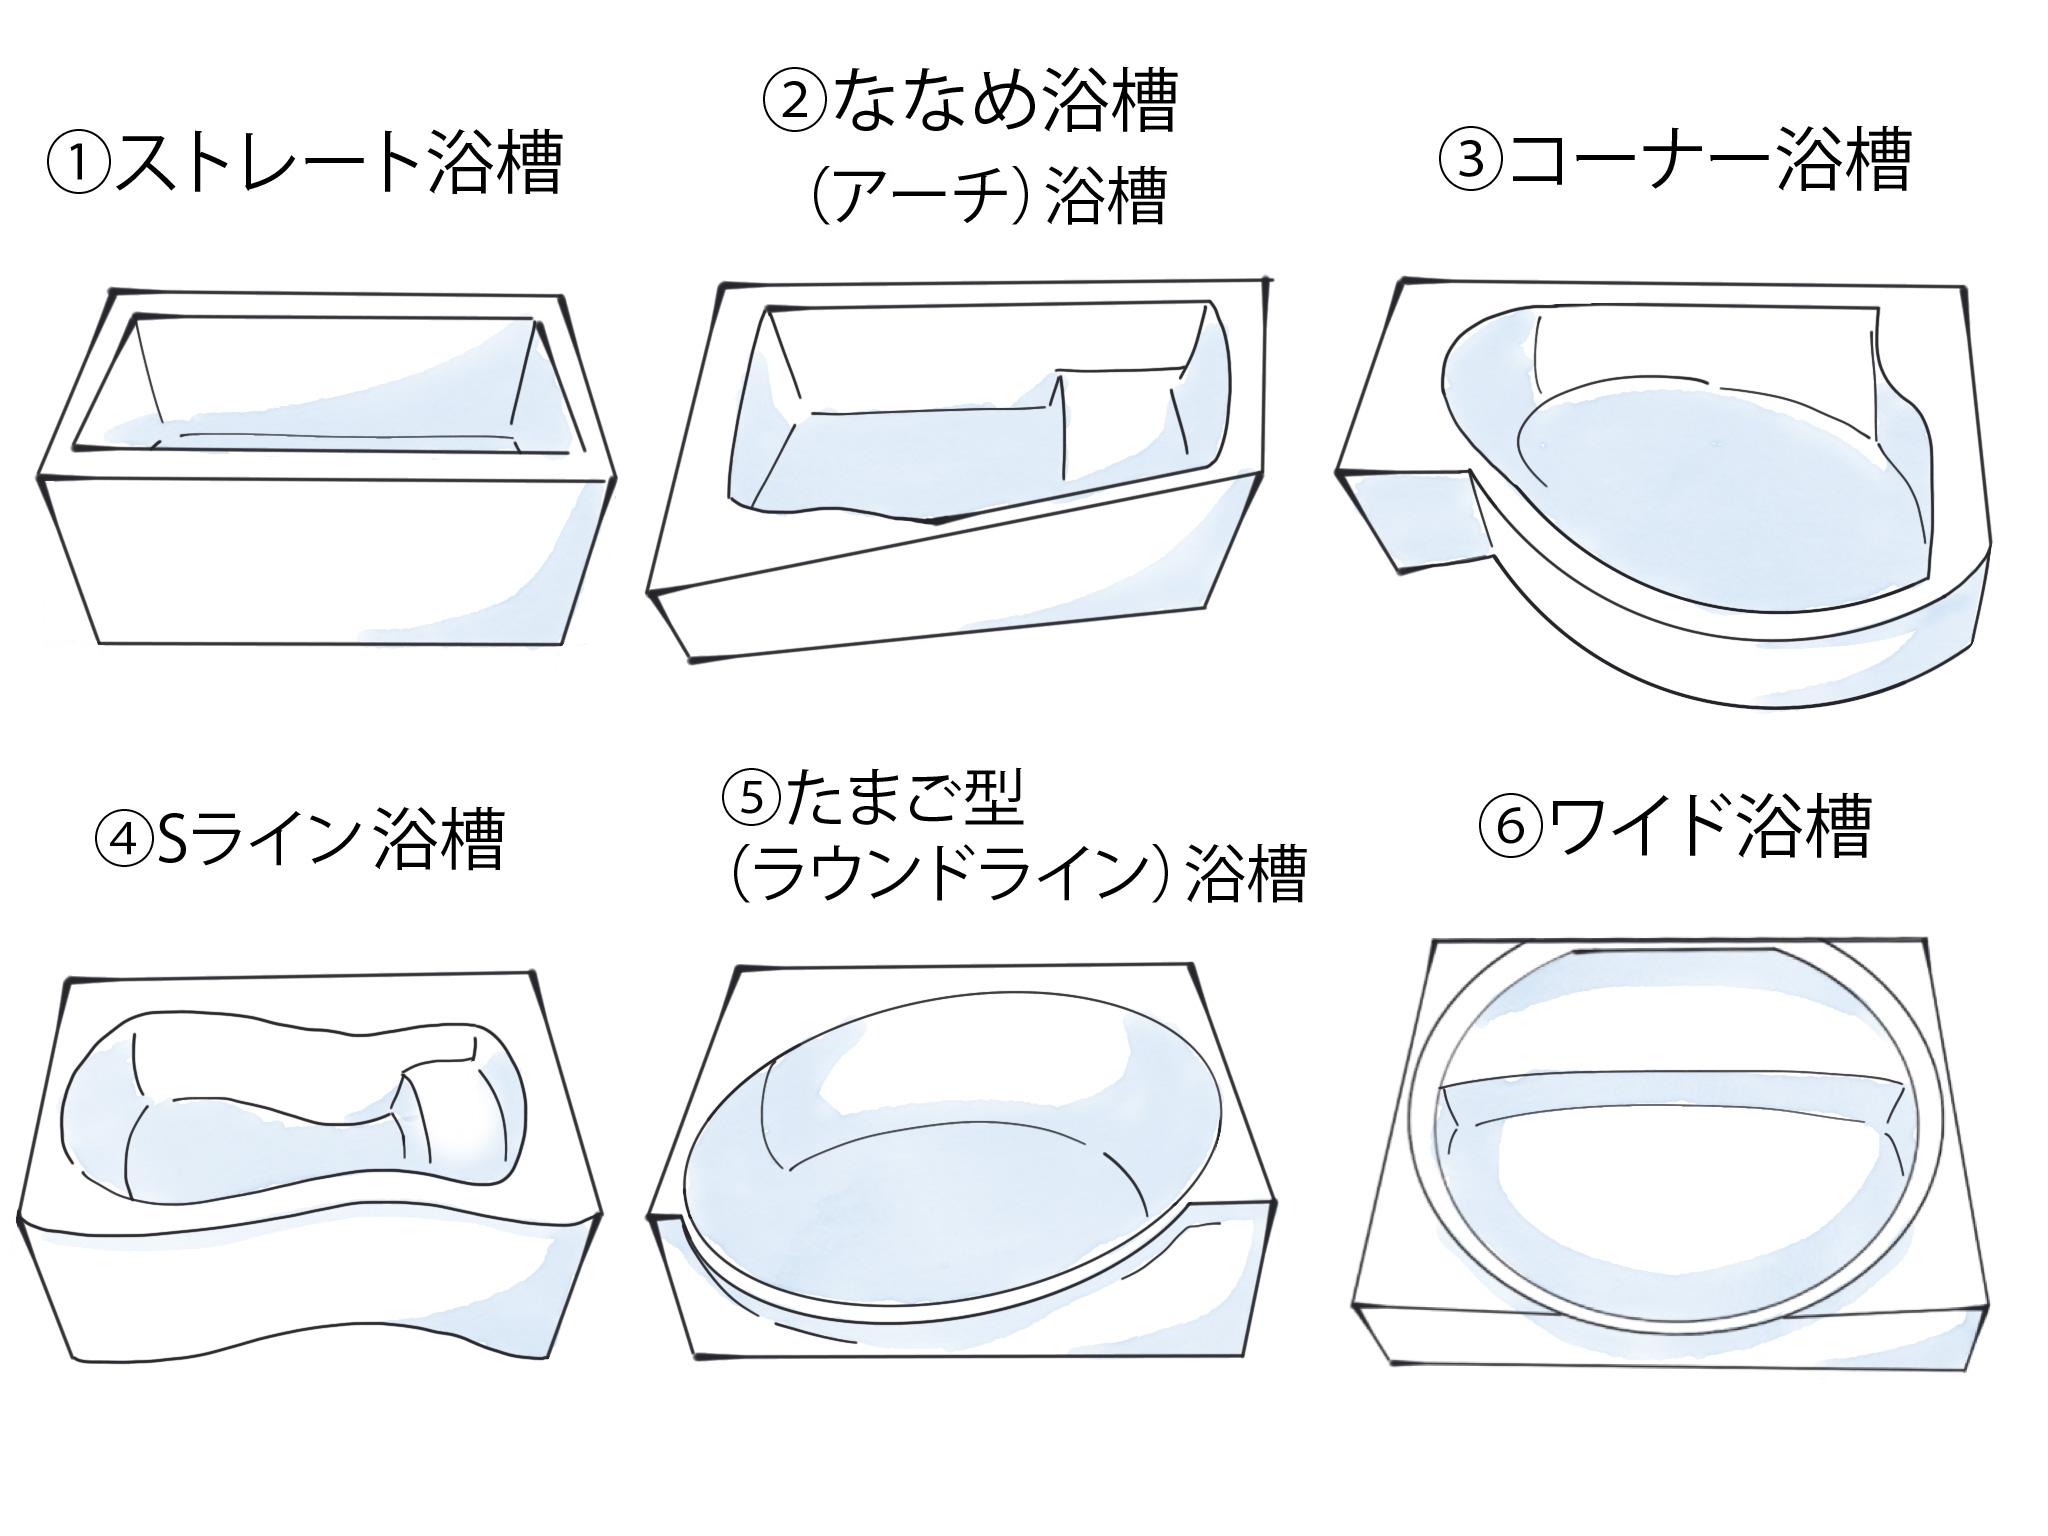 浴槽の種類|千葉 内装・リフォーム